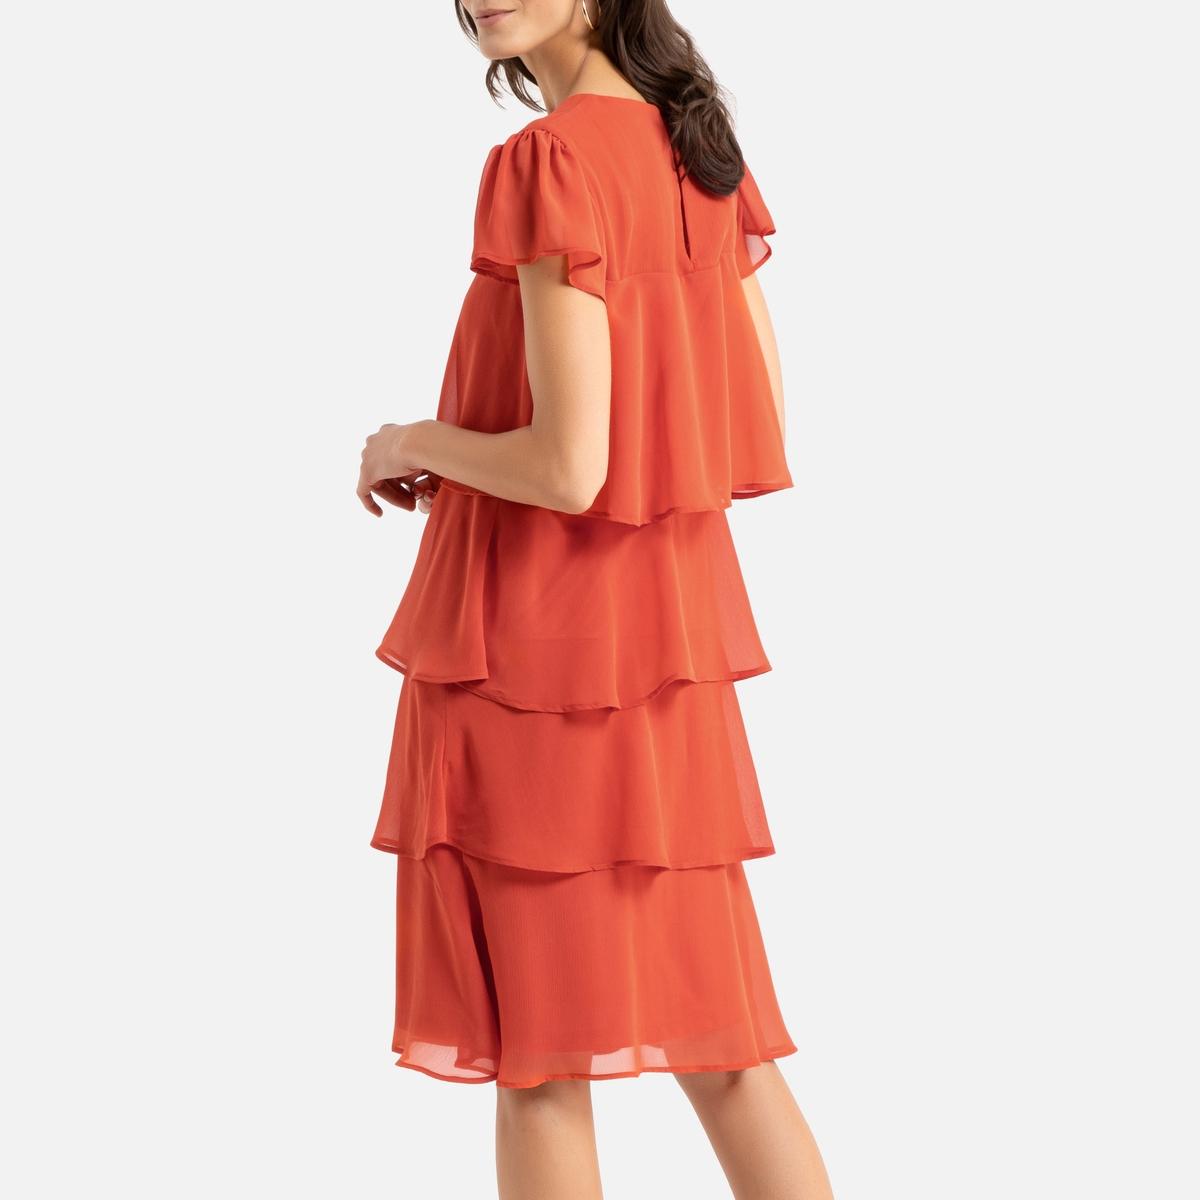 платье с воланом вверху фото разобрал